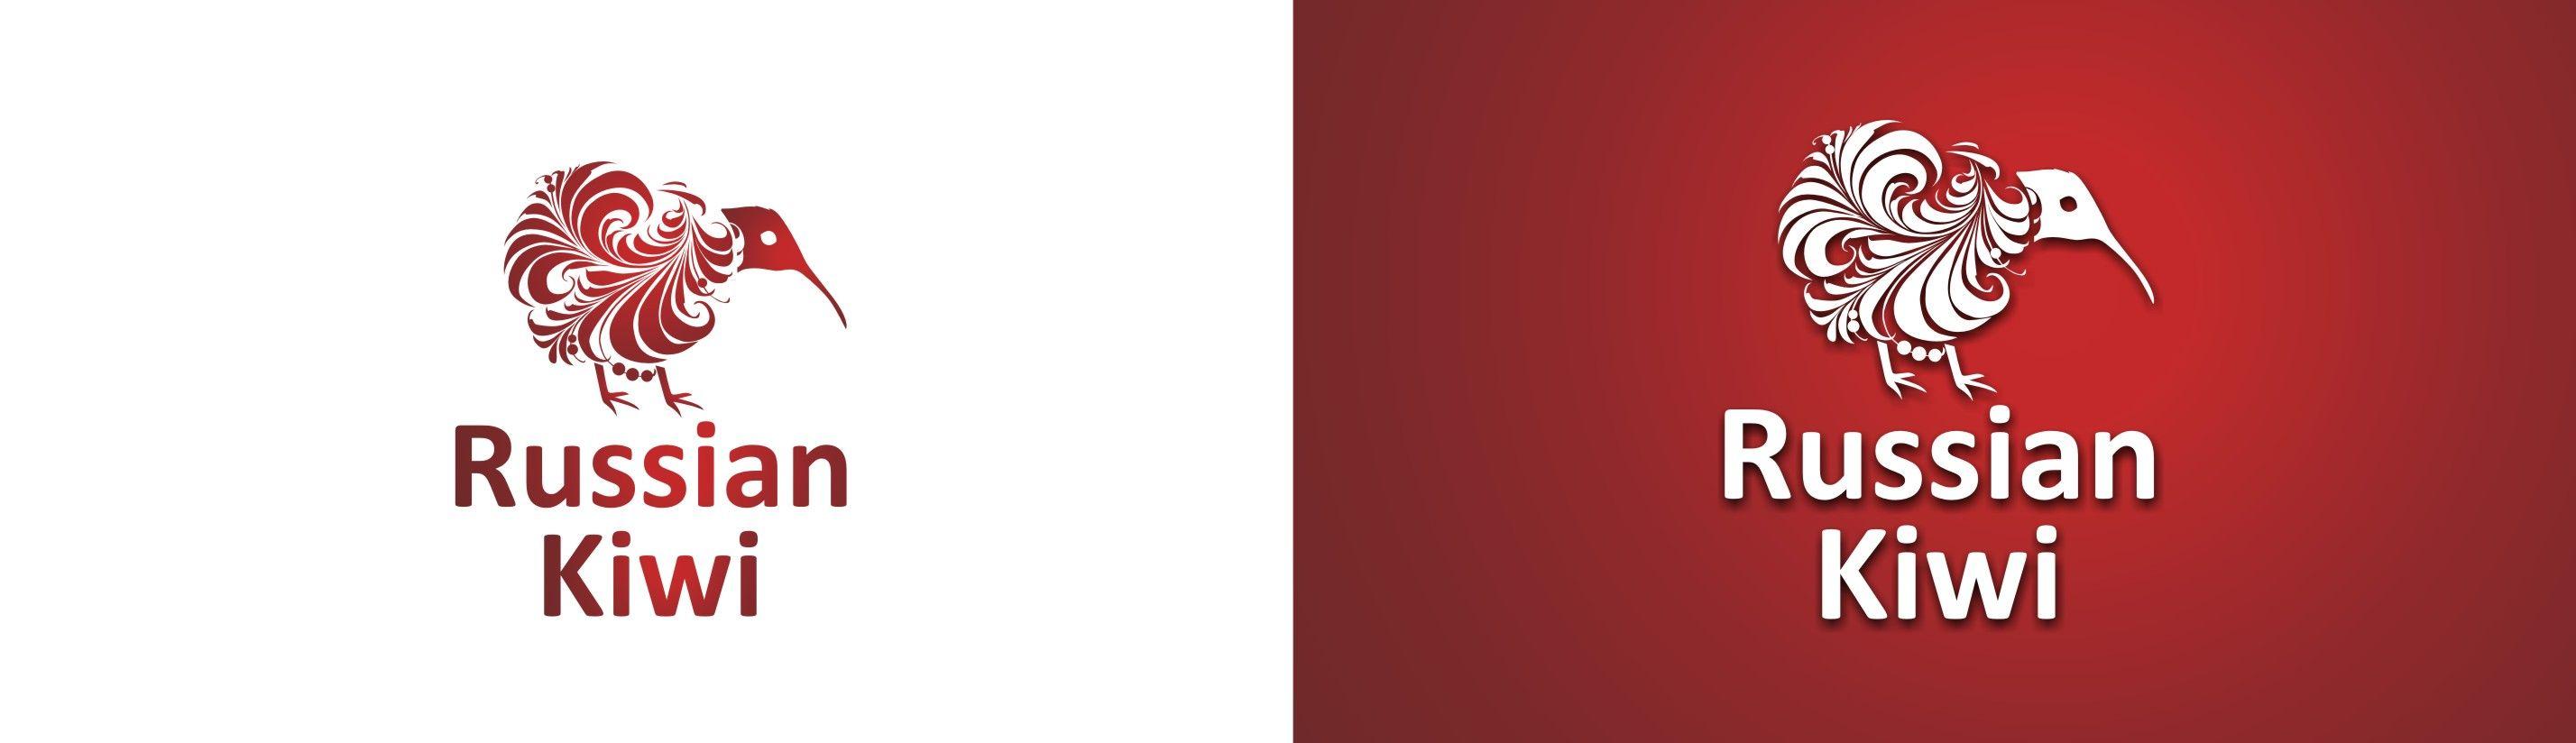 Логотип форума русских эмигрантов в Новой Зеландии - дизайнер aikam